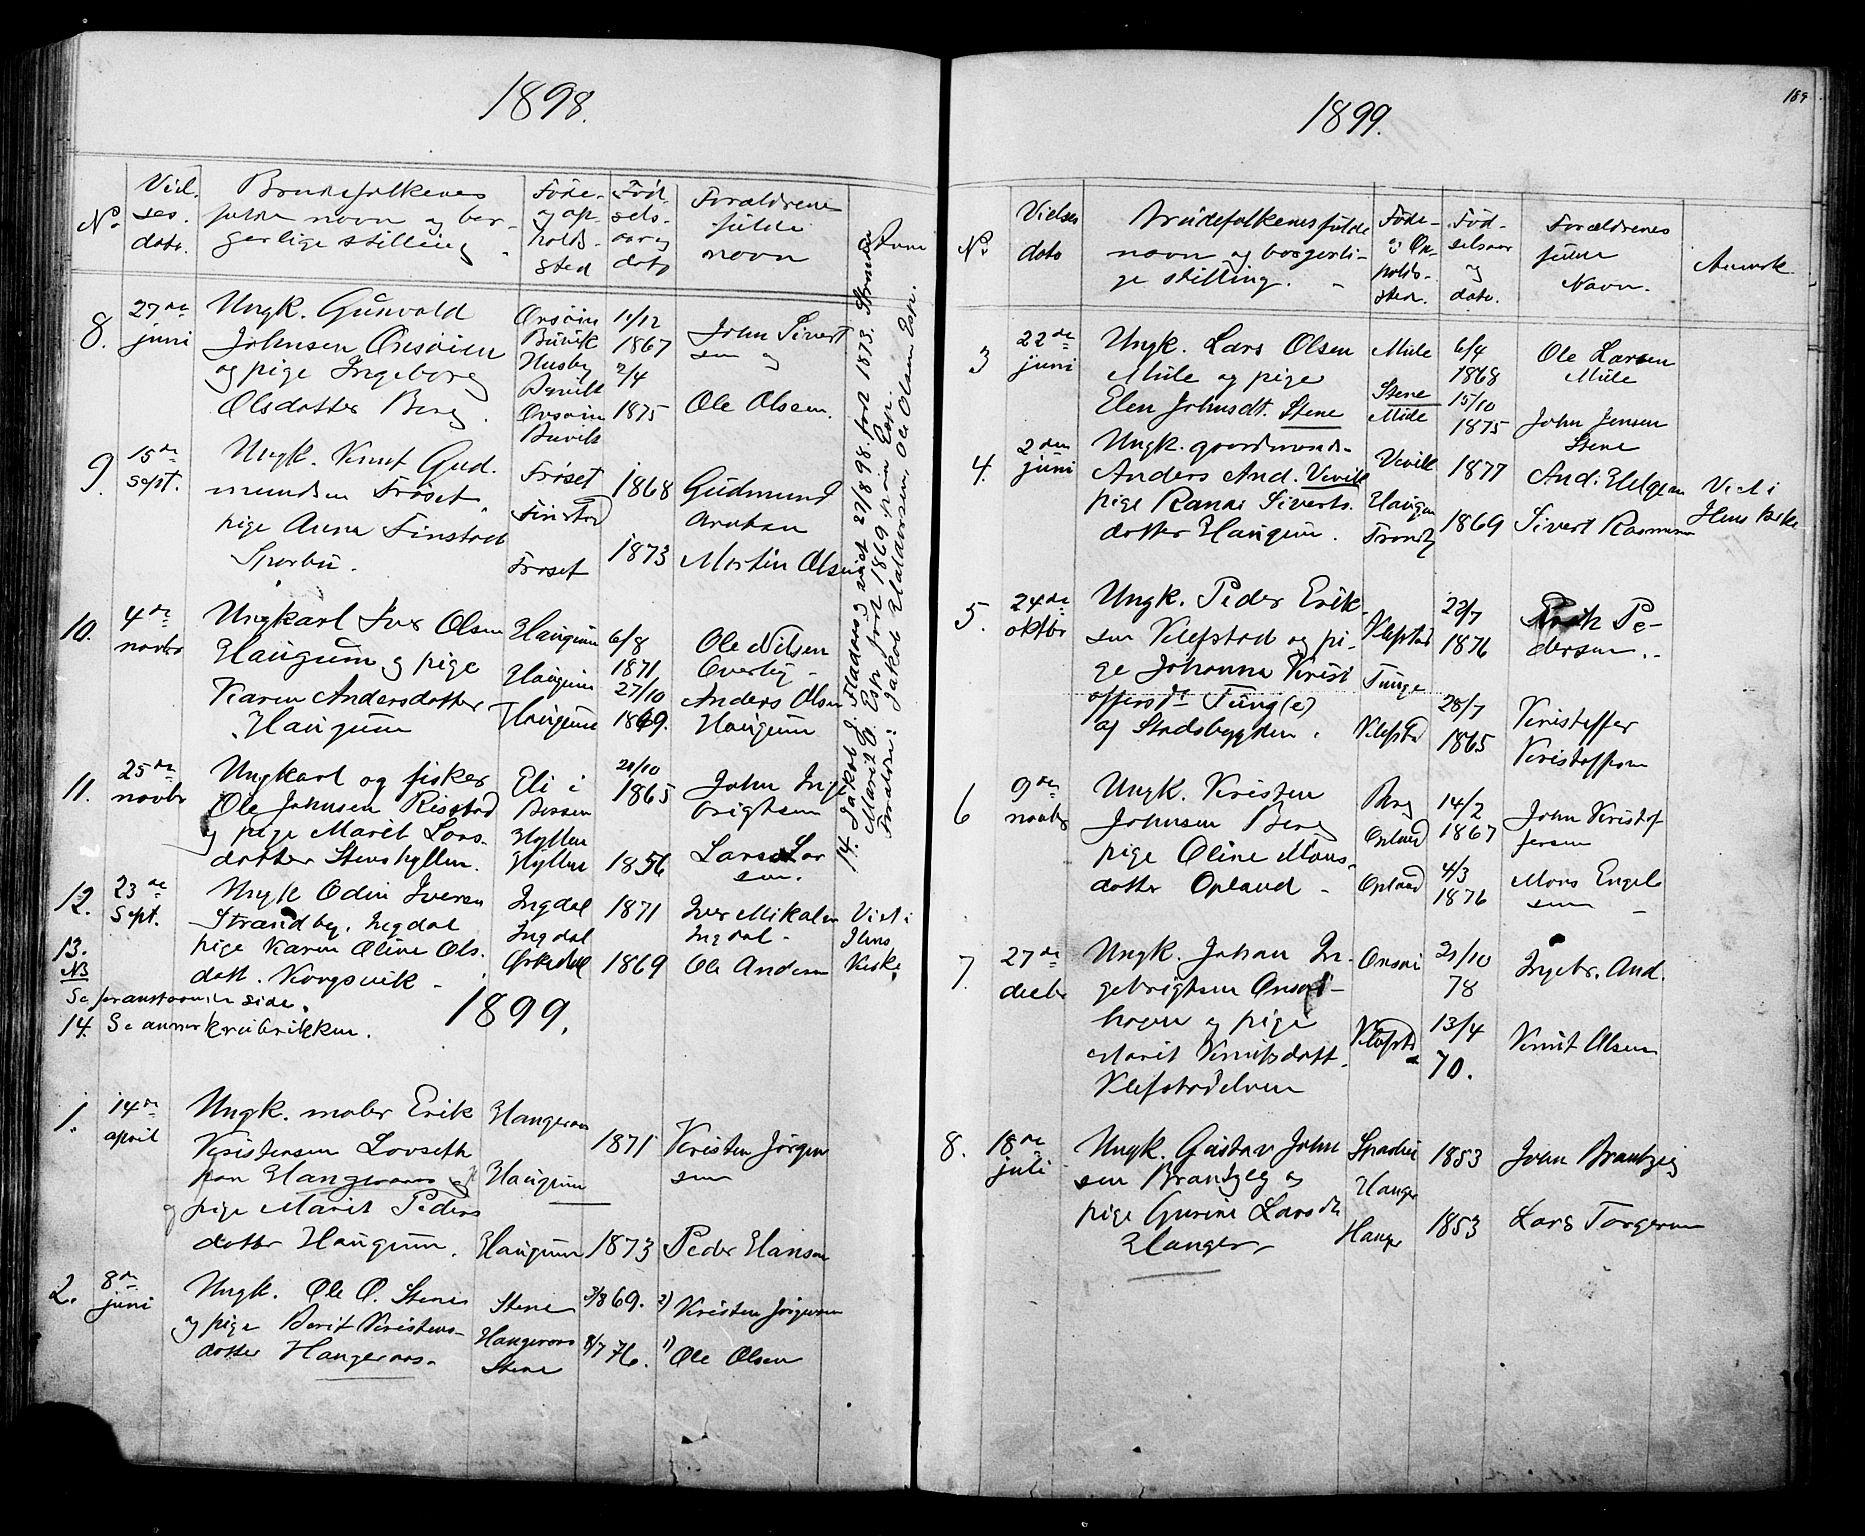 SAT, Ministerialprotokoller, klokkerbøker og fødselsregistre - Sør-Trøndelag, 612/L0387: Klokkerbok nr. 612C03, 1874-1908, s. 189